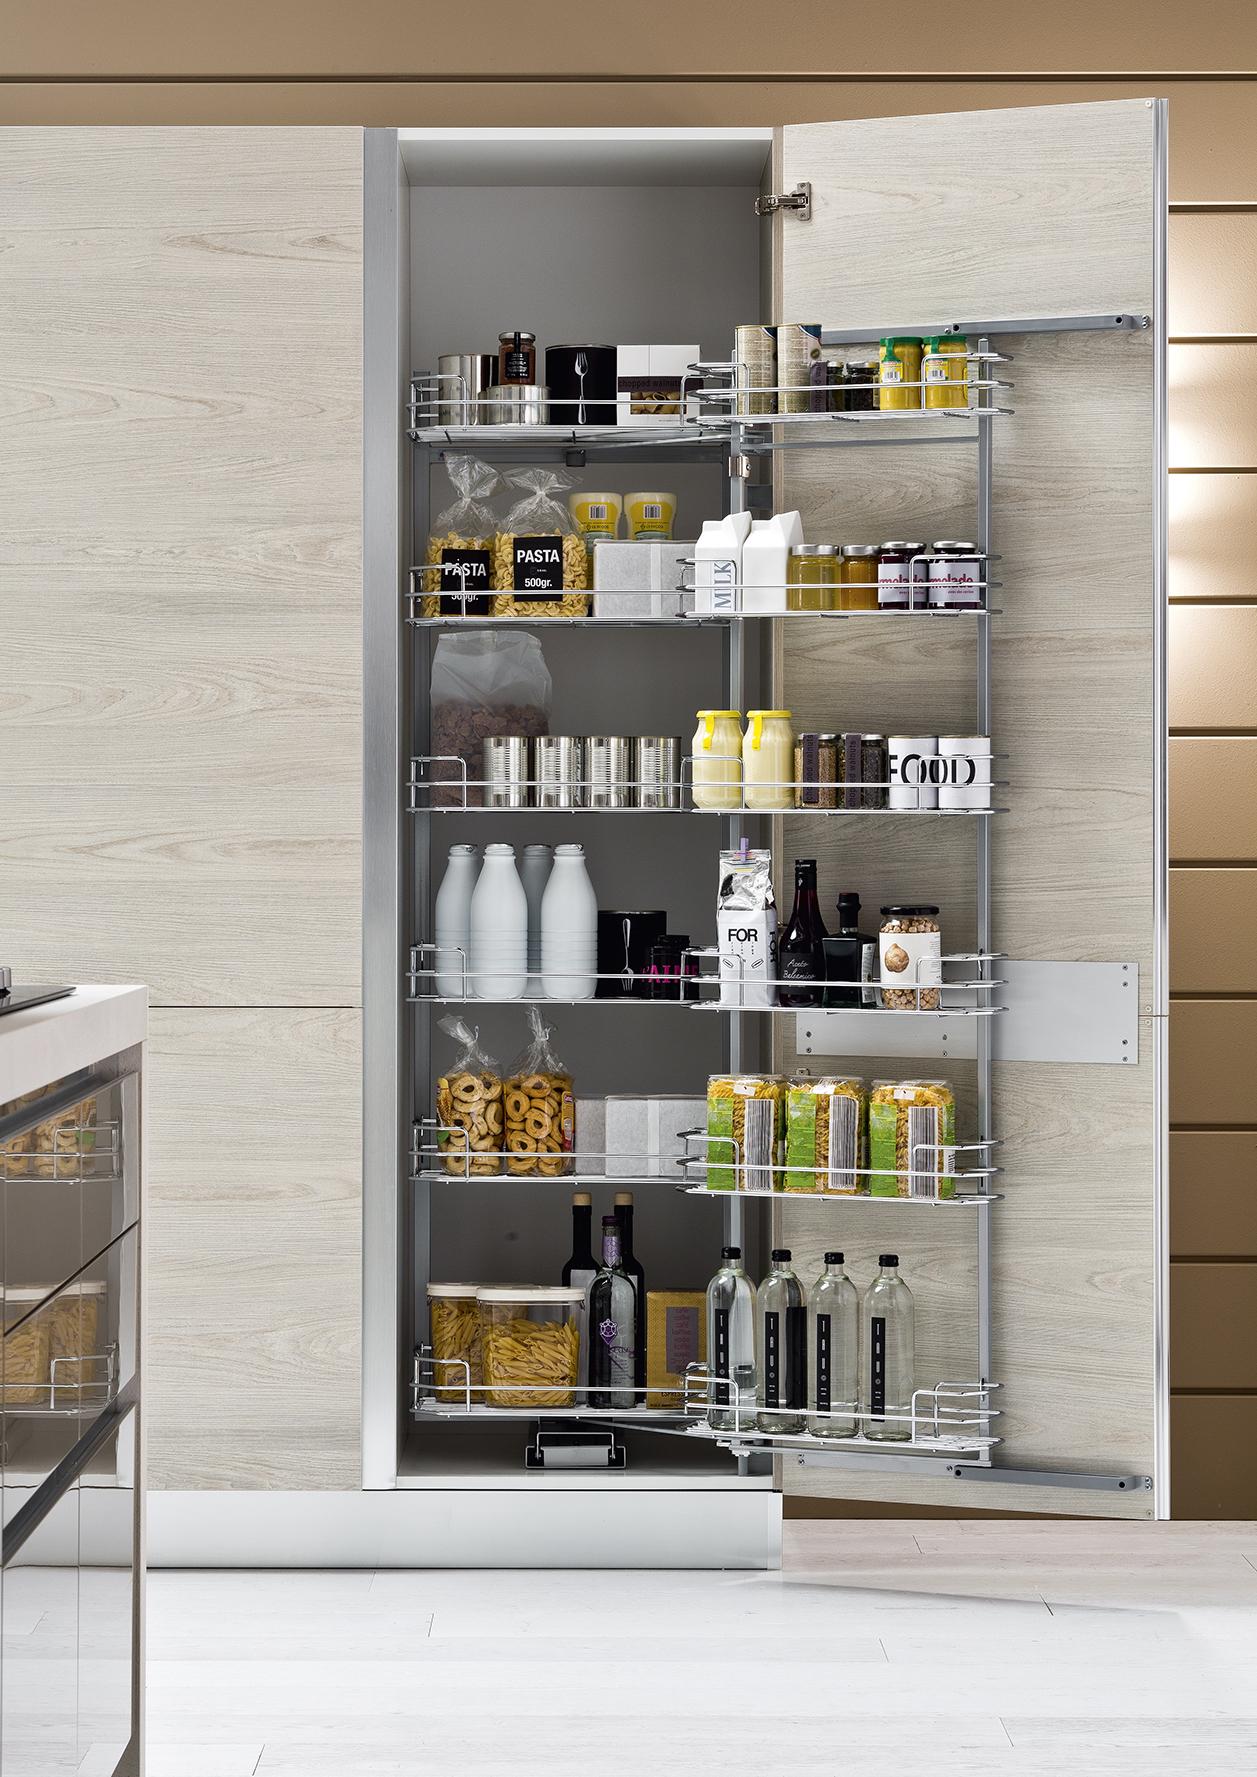 Arrex Le Cucine consiglia inserisci una colonna dispensa nella tua cucina avrai tutto in